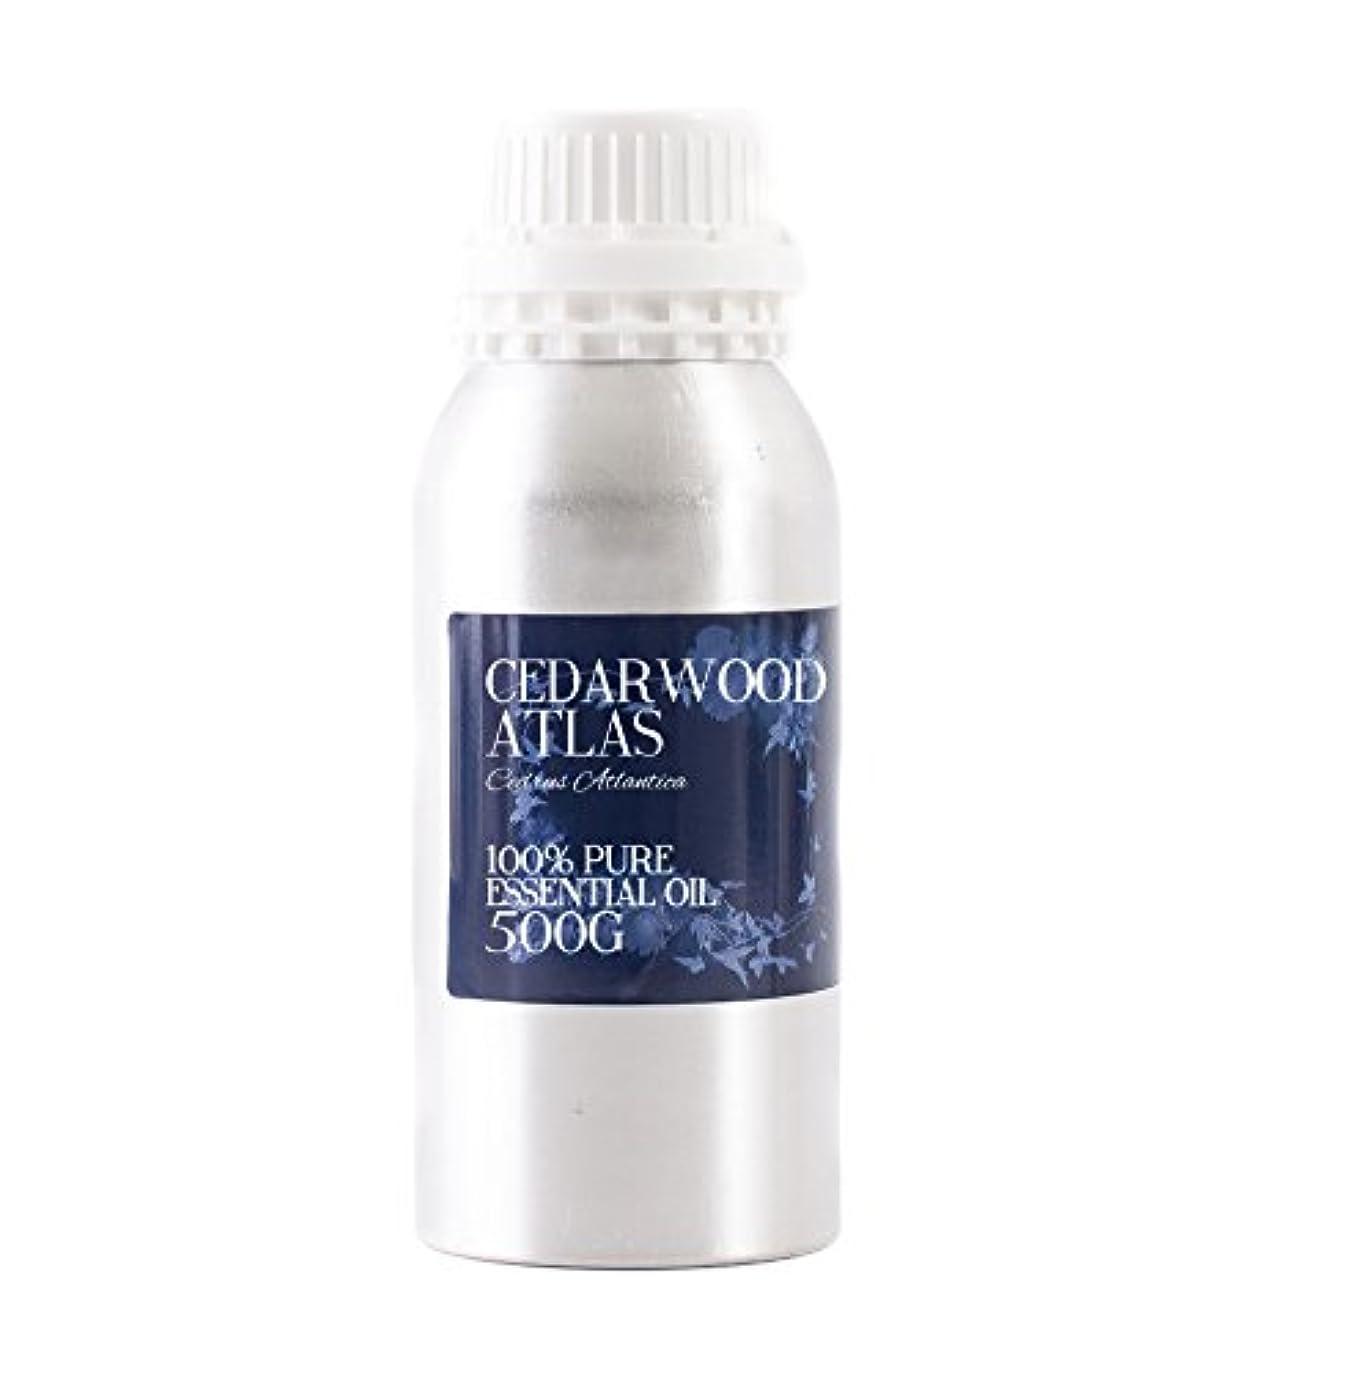 椅子拳メンタルMystic Moments | Cedarwood Atlas Essential Oil - 500g - 100% Pure